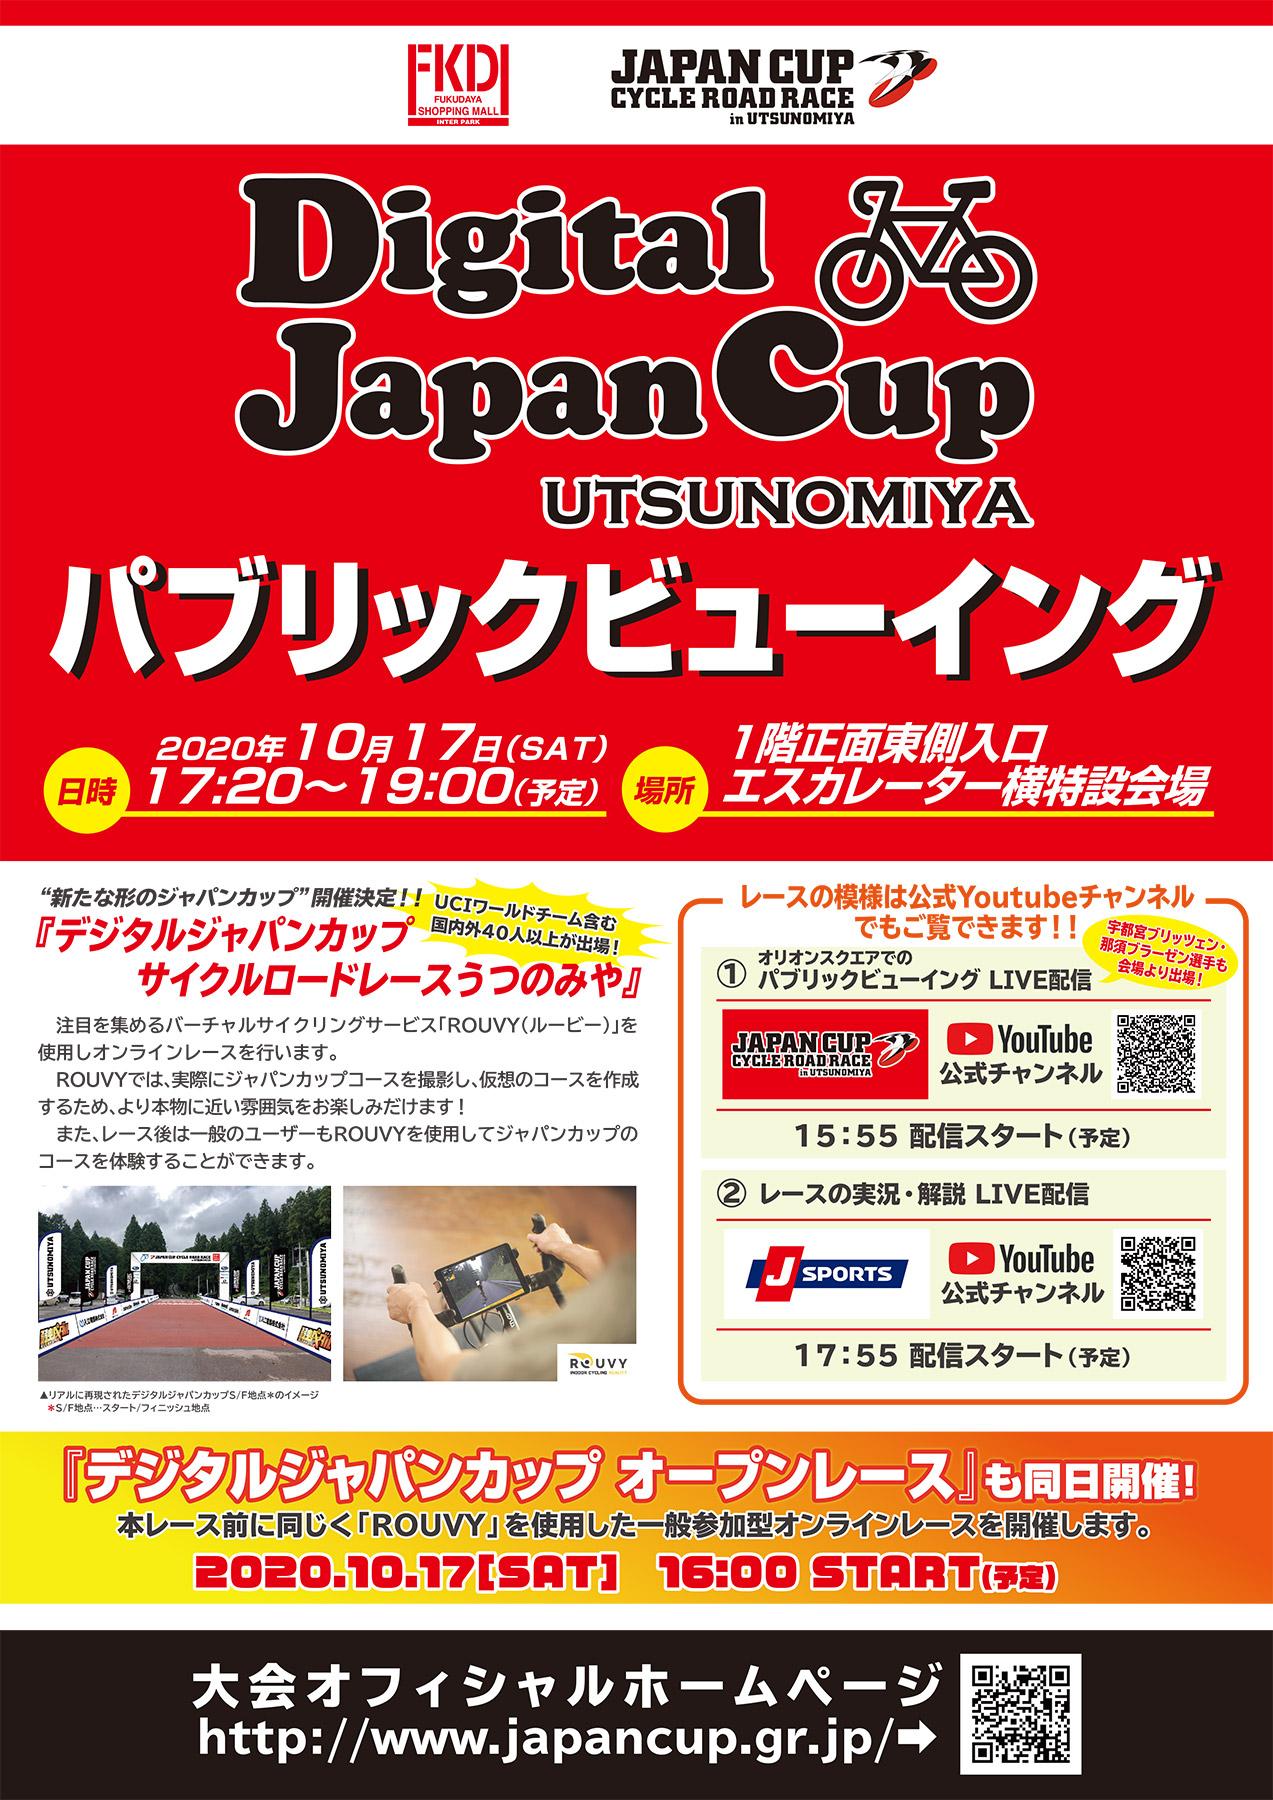 デジタルジャパンカップ パブリックビューイング at FKD ポスター